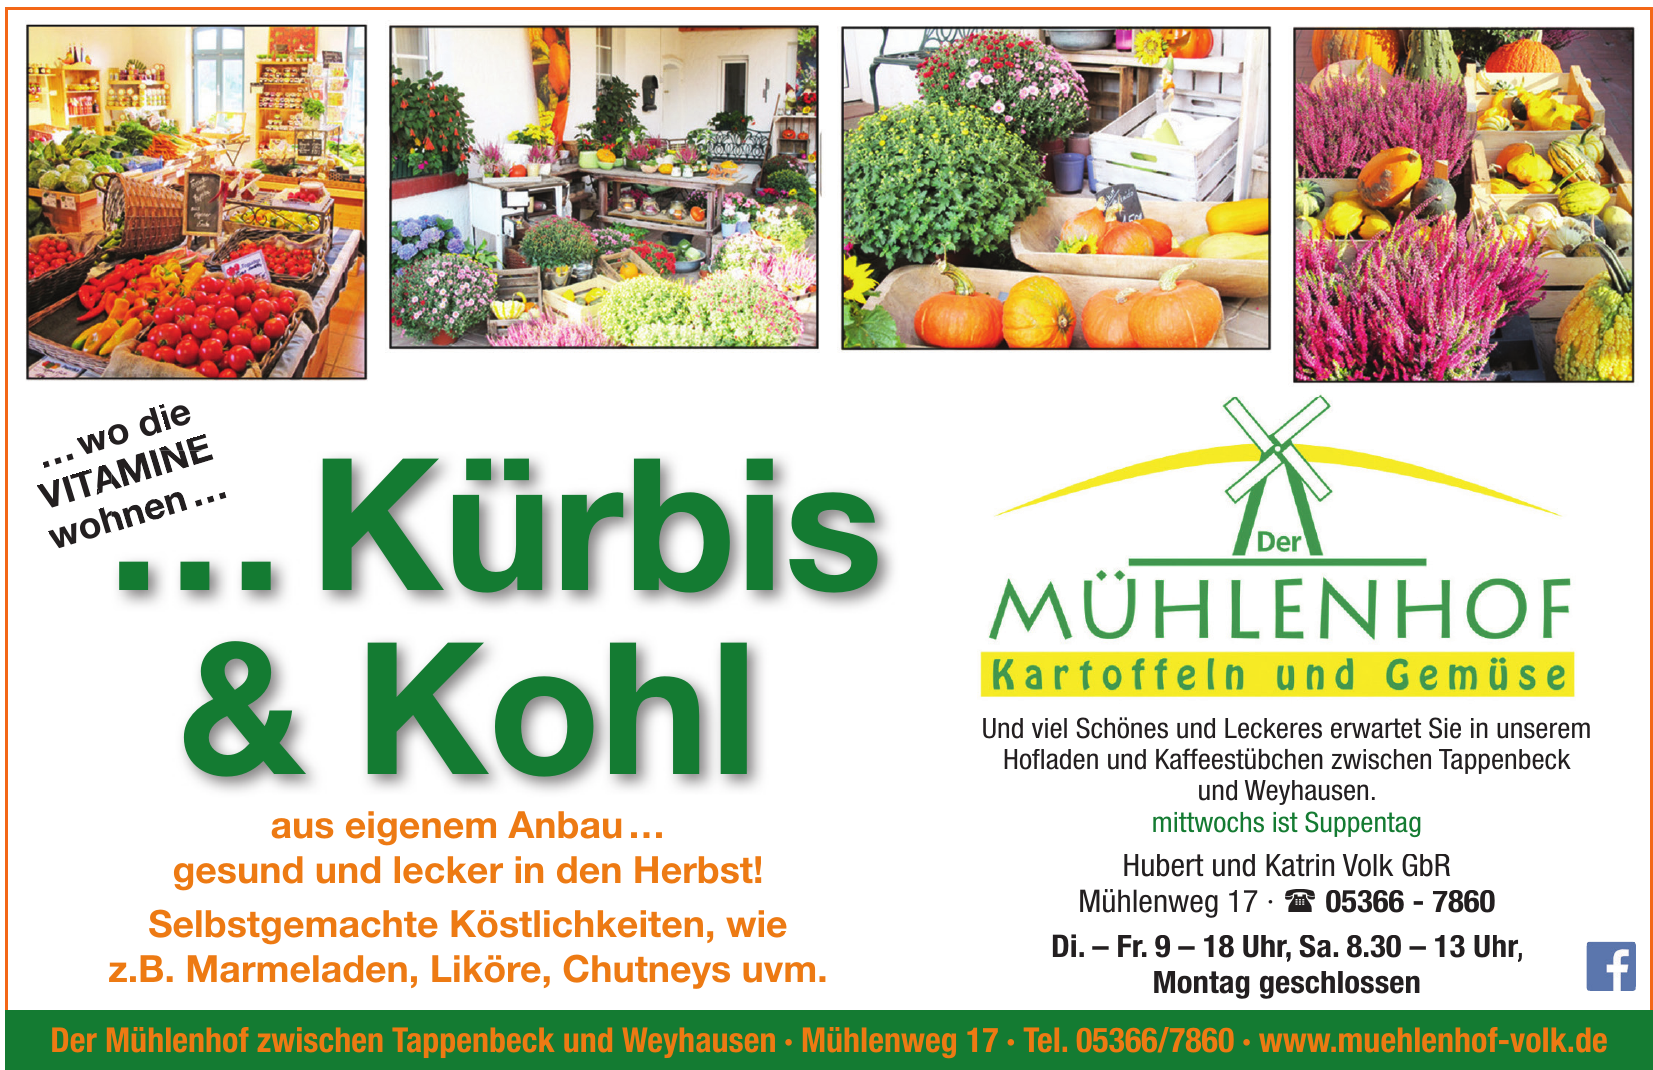 Mühlenhof - Hubert und Katrin Volk GbR